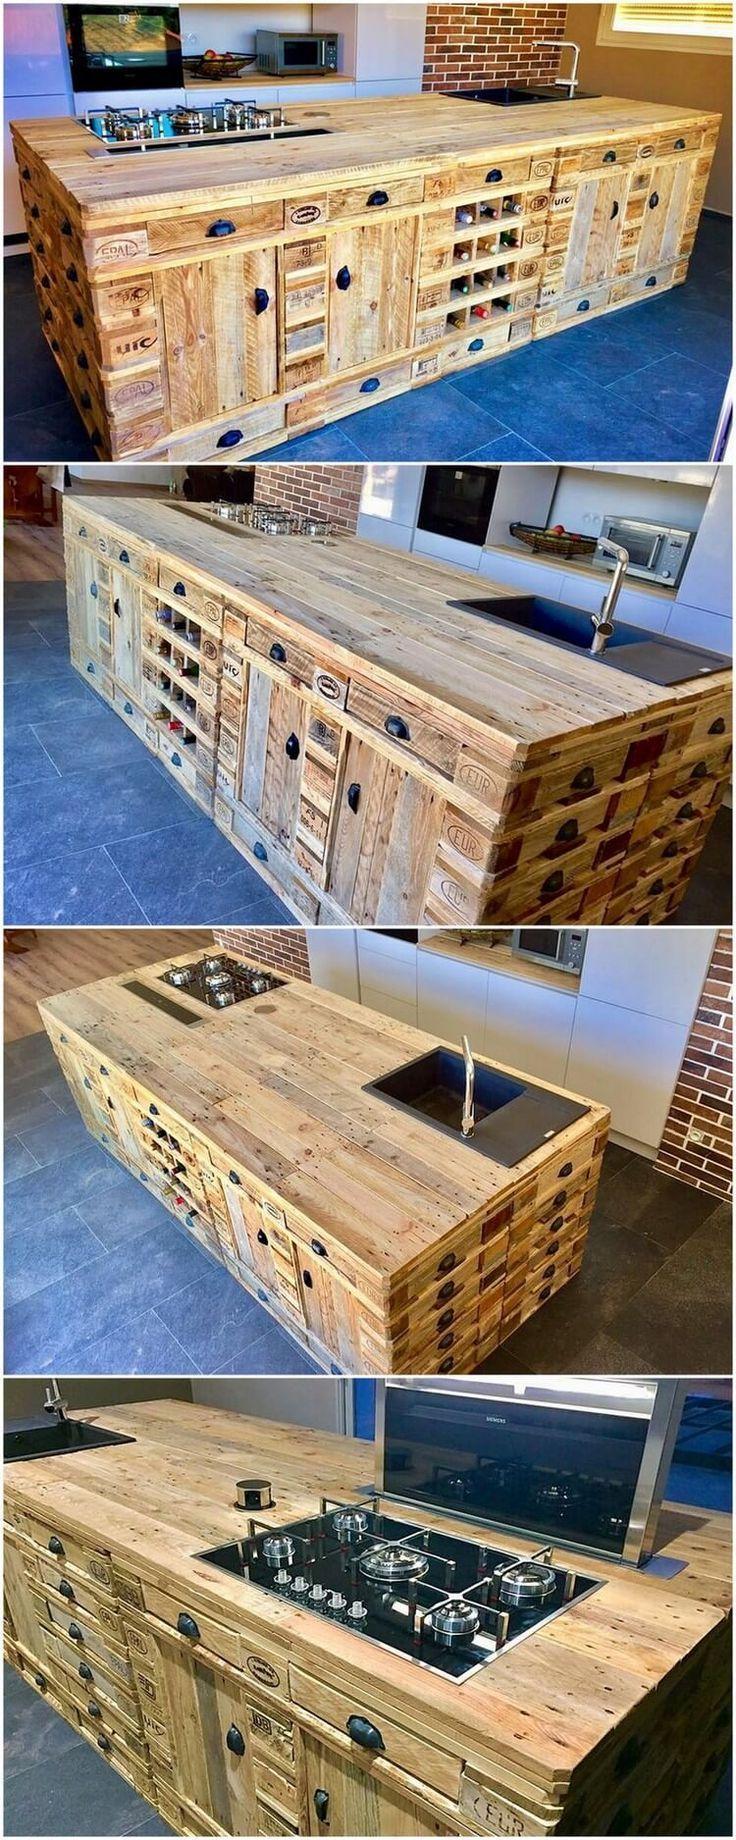 Recycelte Holzpaletten gemacht Kücheninsel # verarbeitet #Holz #ku #Holzarbeiten #WoodWorking